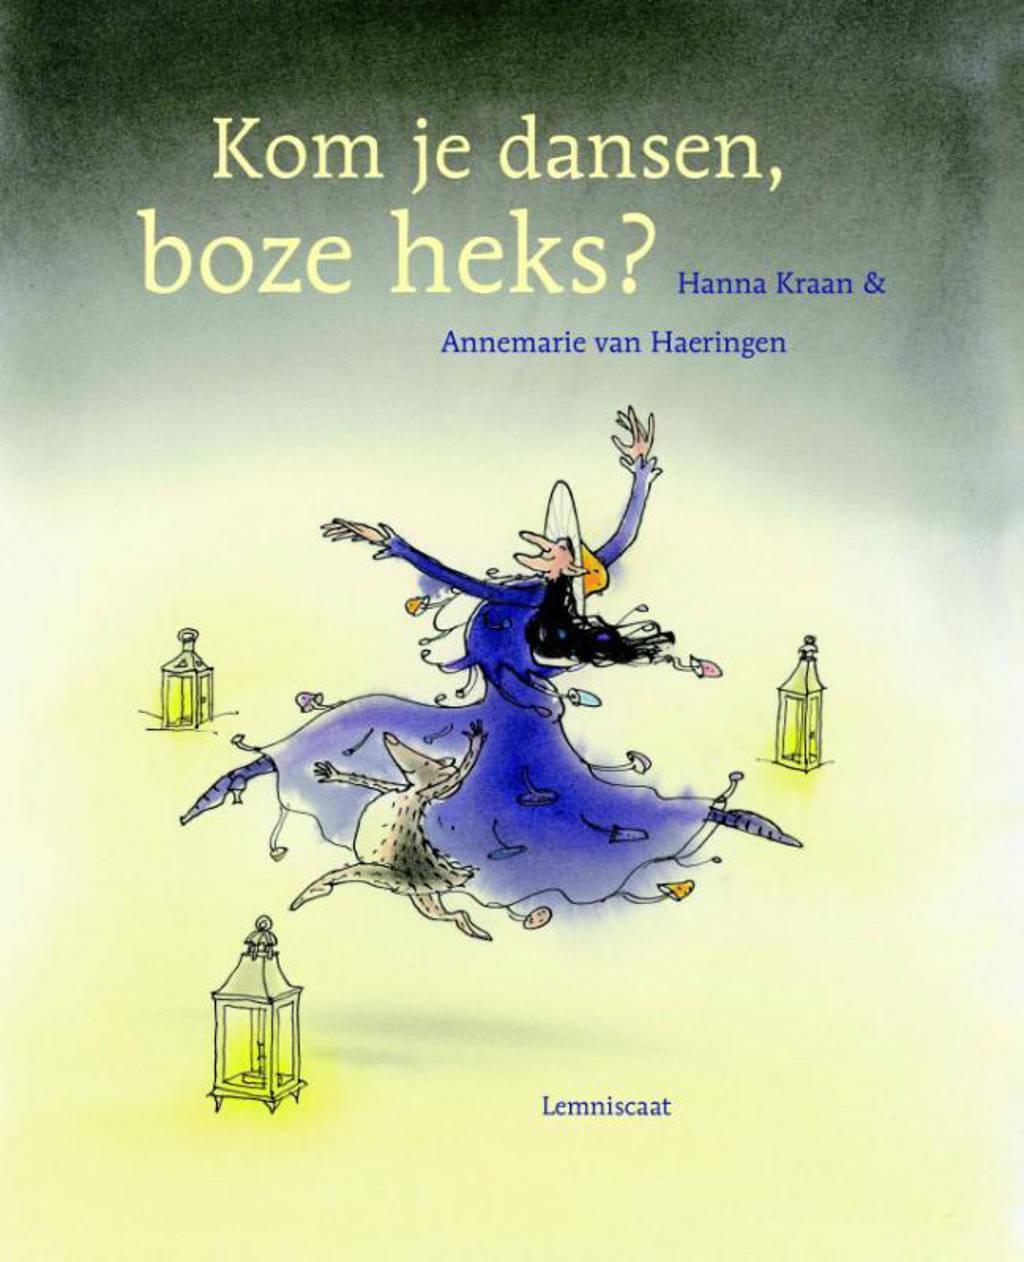 Kom je dansen, boze heks? - Hanna Kraan